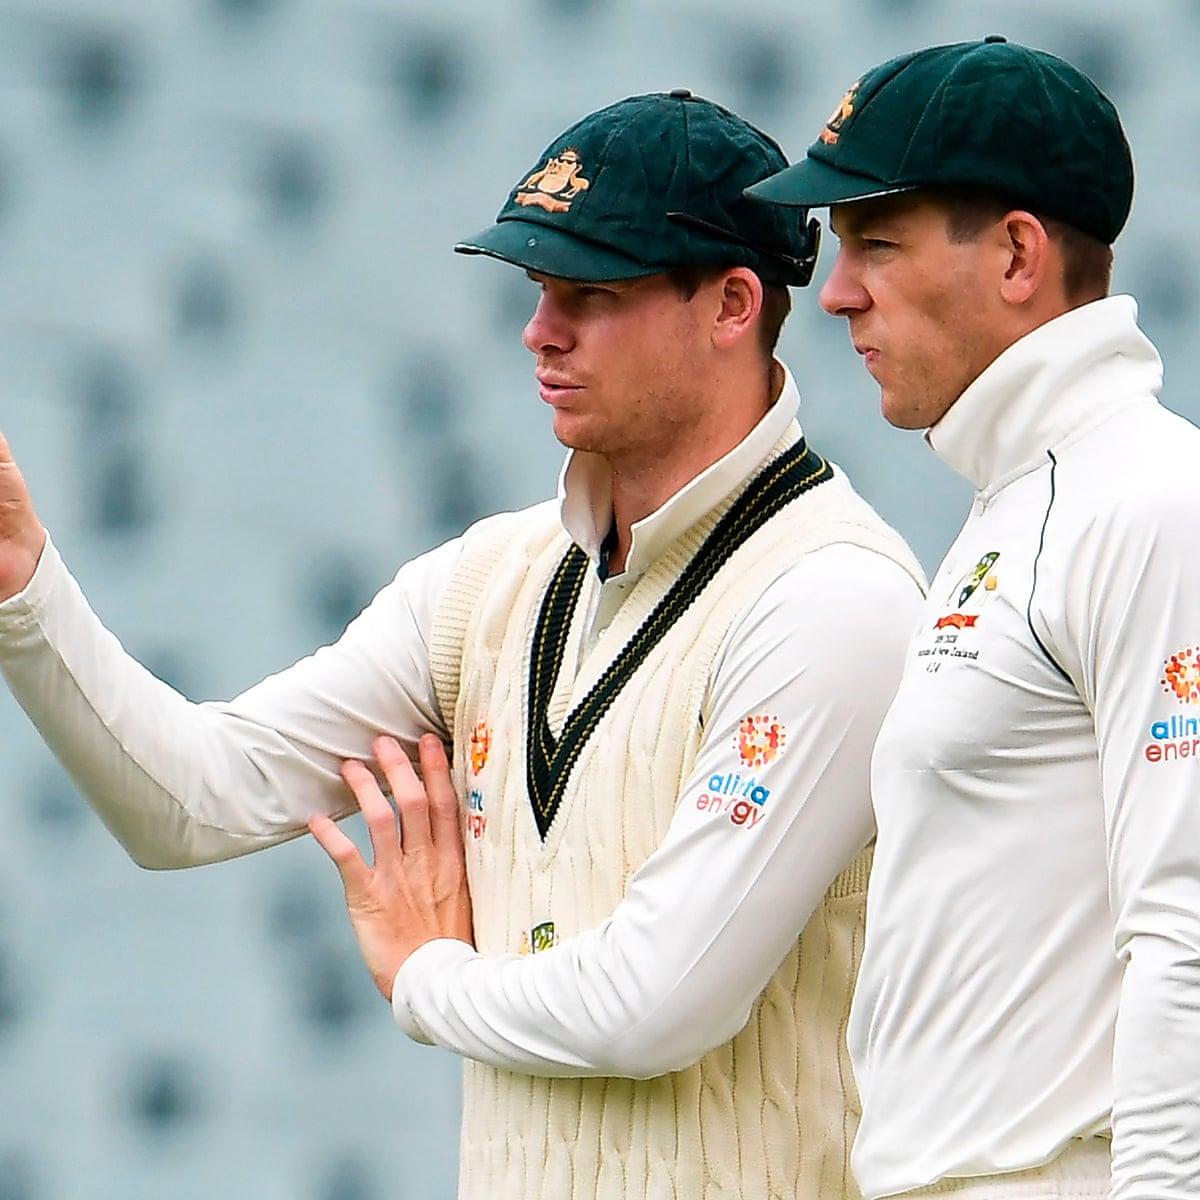 क्रिकेट ऑस्ट्रेलिया ने तय किया आगे का कार्यक्रम, इन्हें बनाया टेस्ट टीम का कप्तान 2